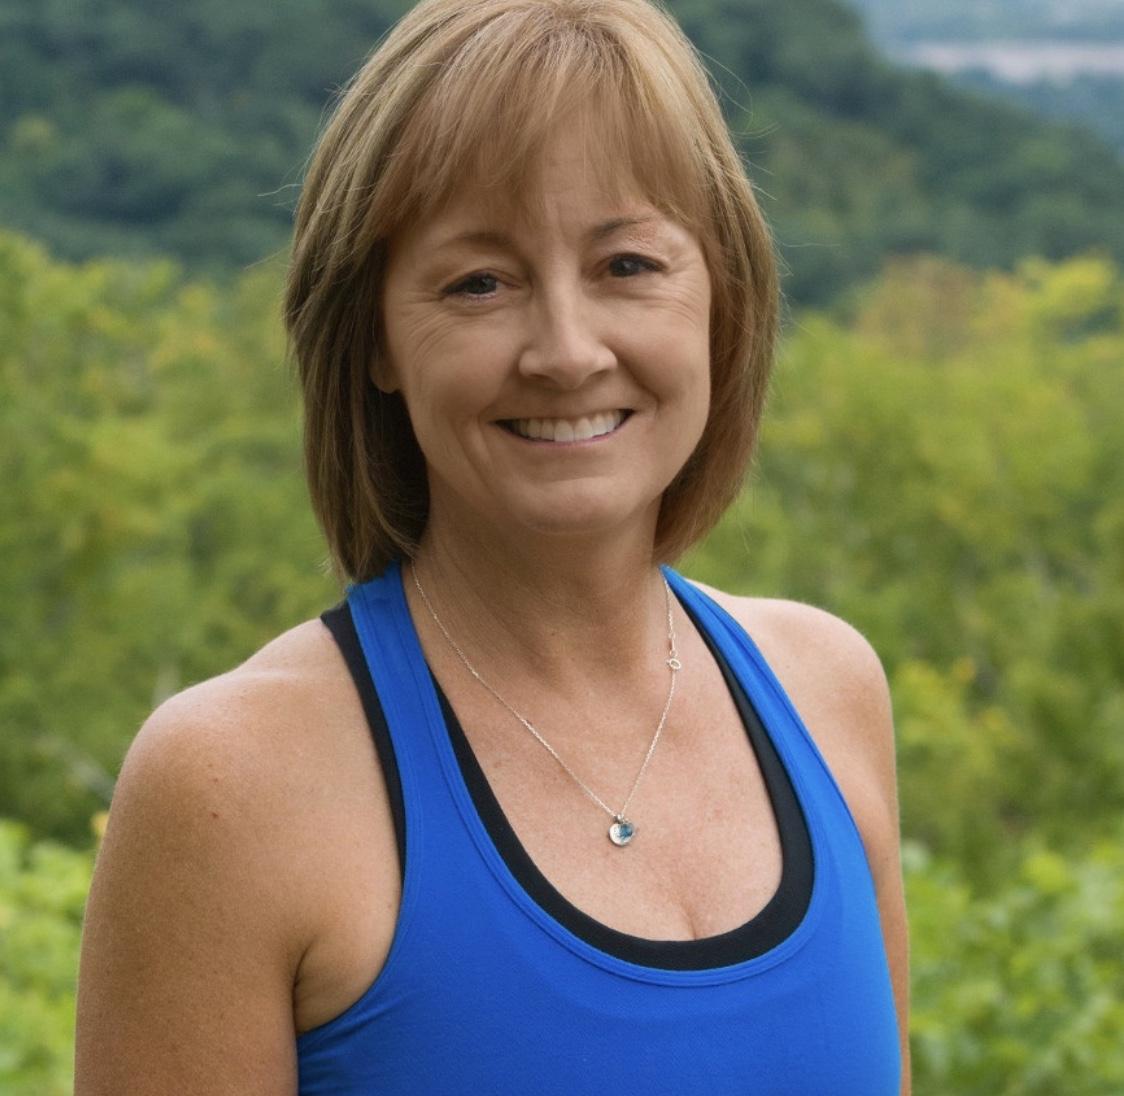 Julie Hatlem